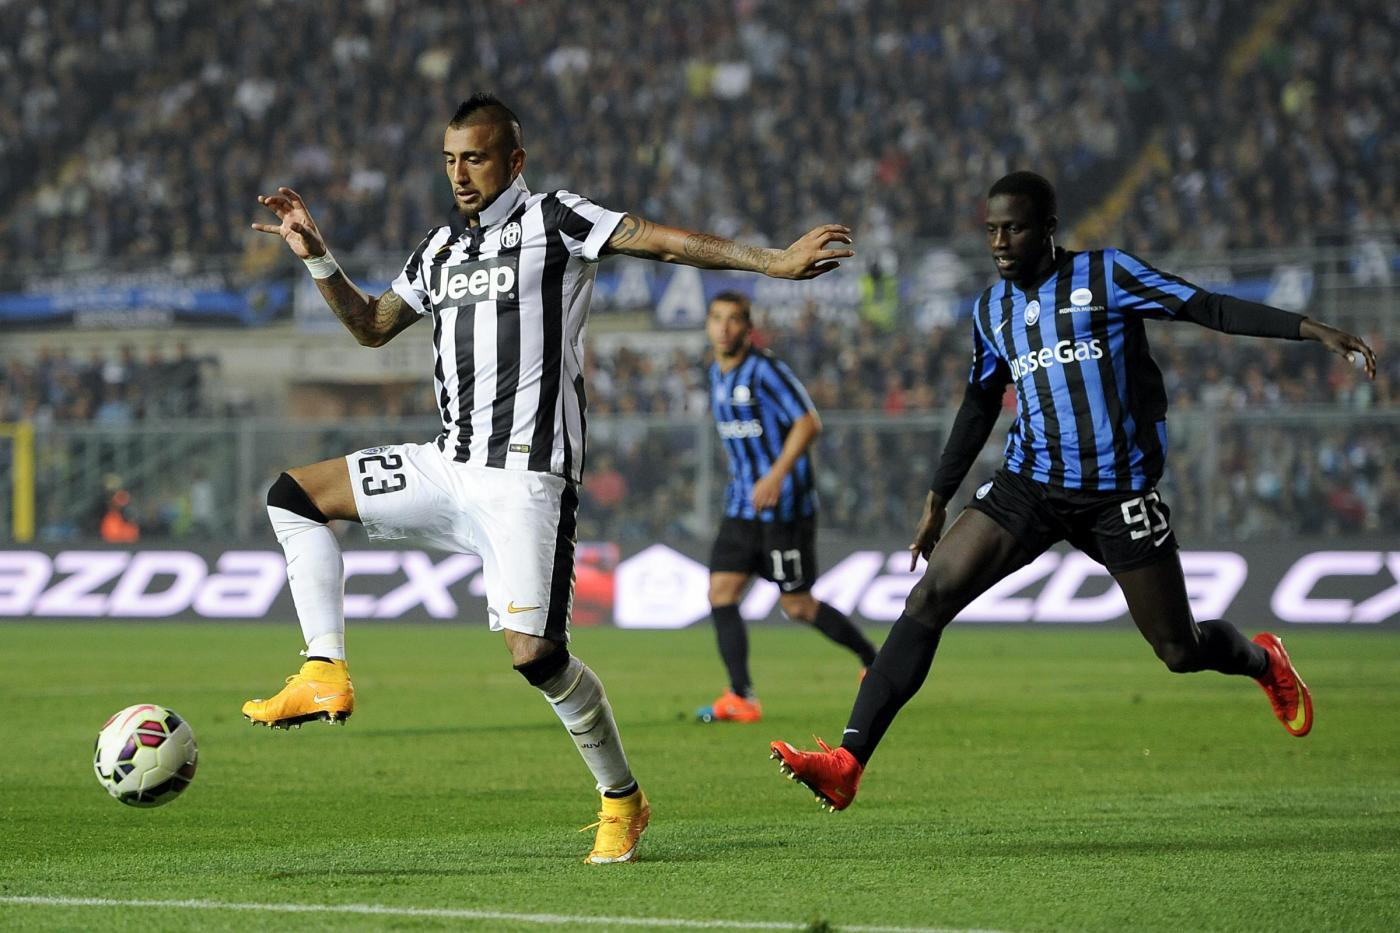 Juventus vs Atalanta 2-1: Pirlo nuovamente decisivo